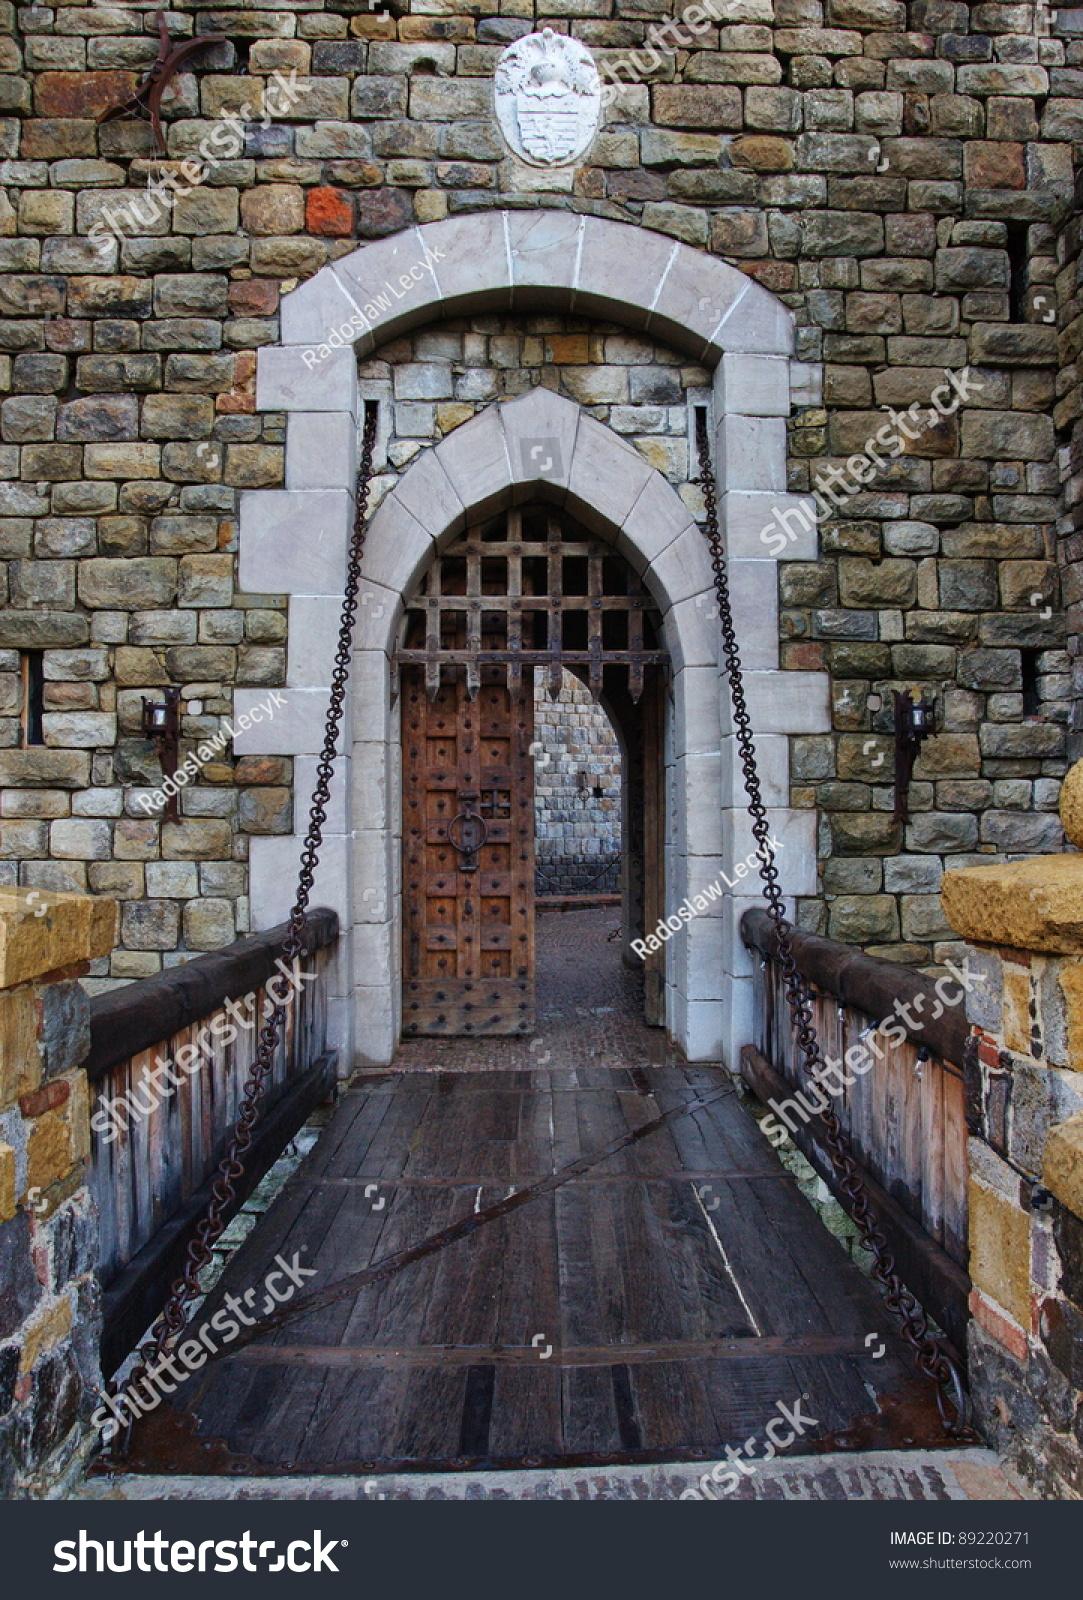 Old castle door and drawbridge & Old Castle Door Drawbridge Stock Photo 89220271 - Shutterstock Pezcame.Com